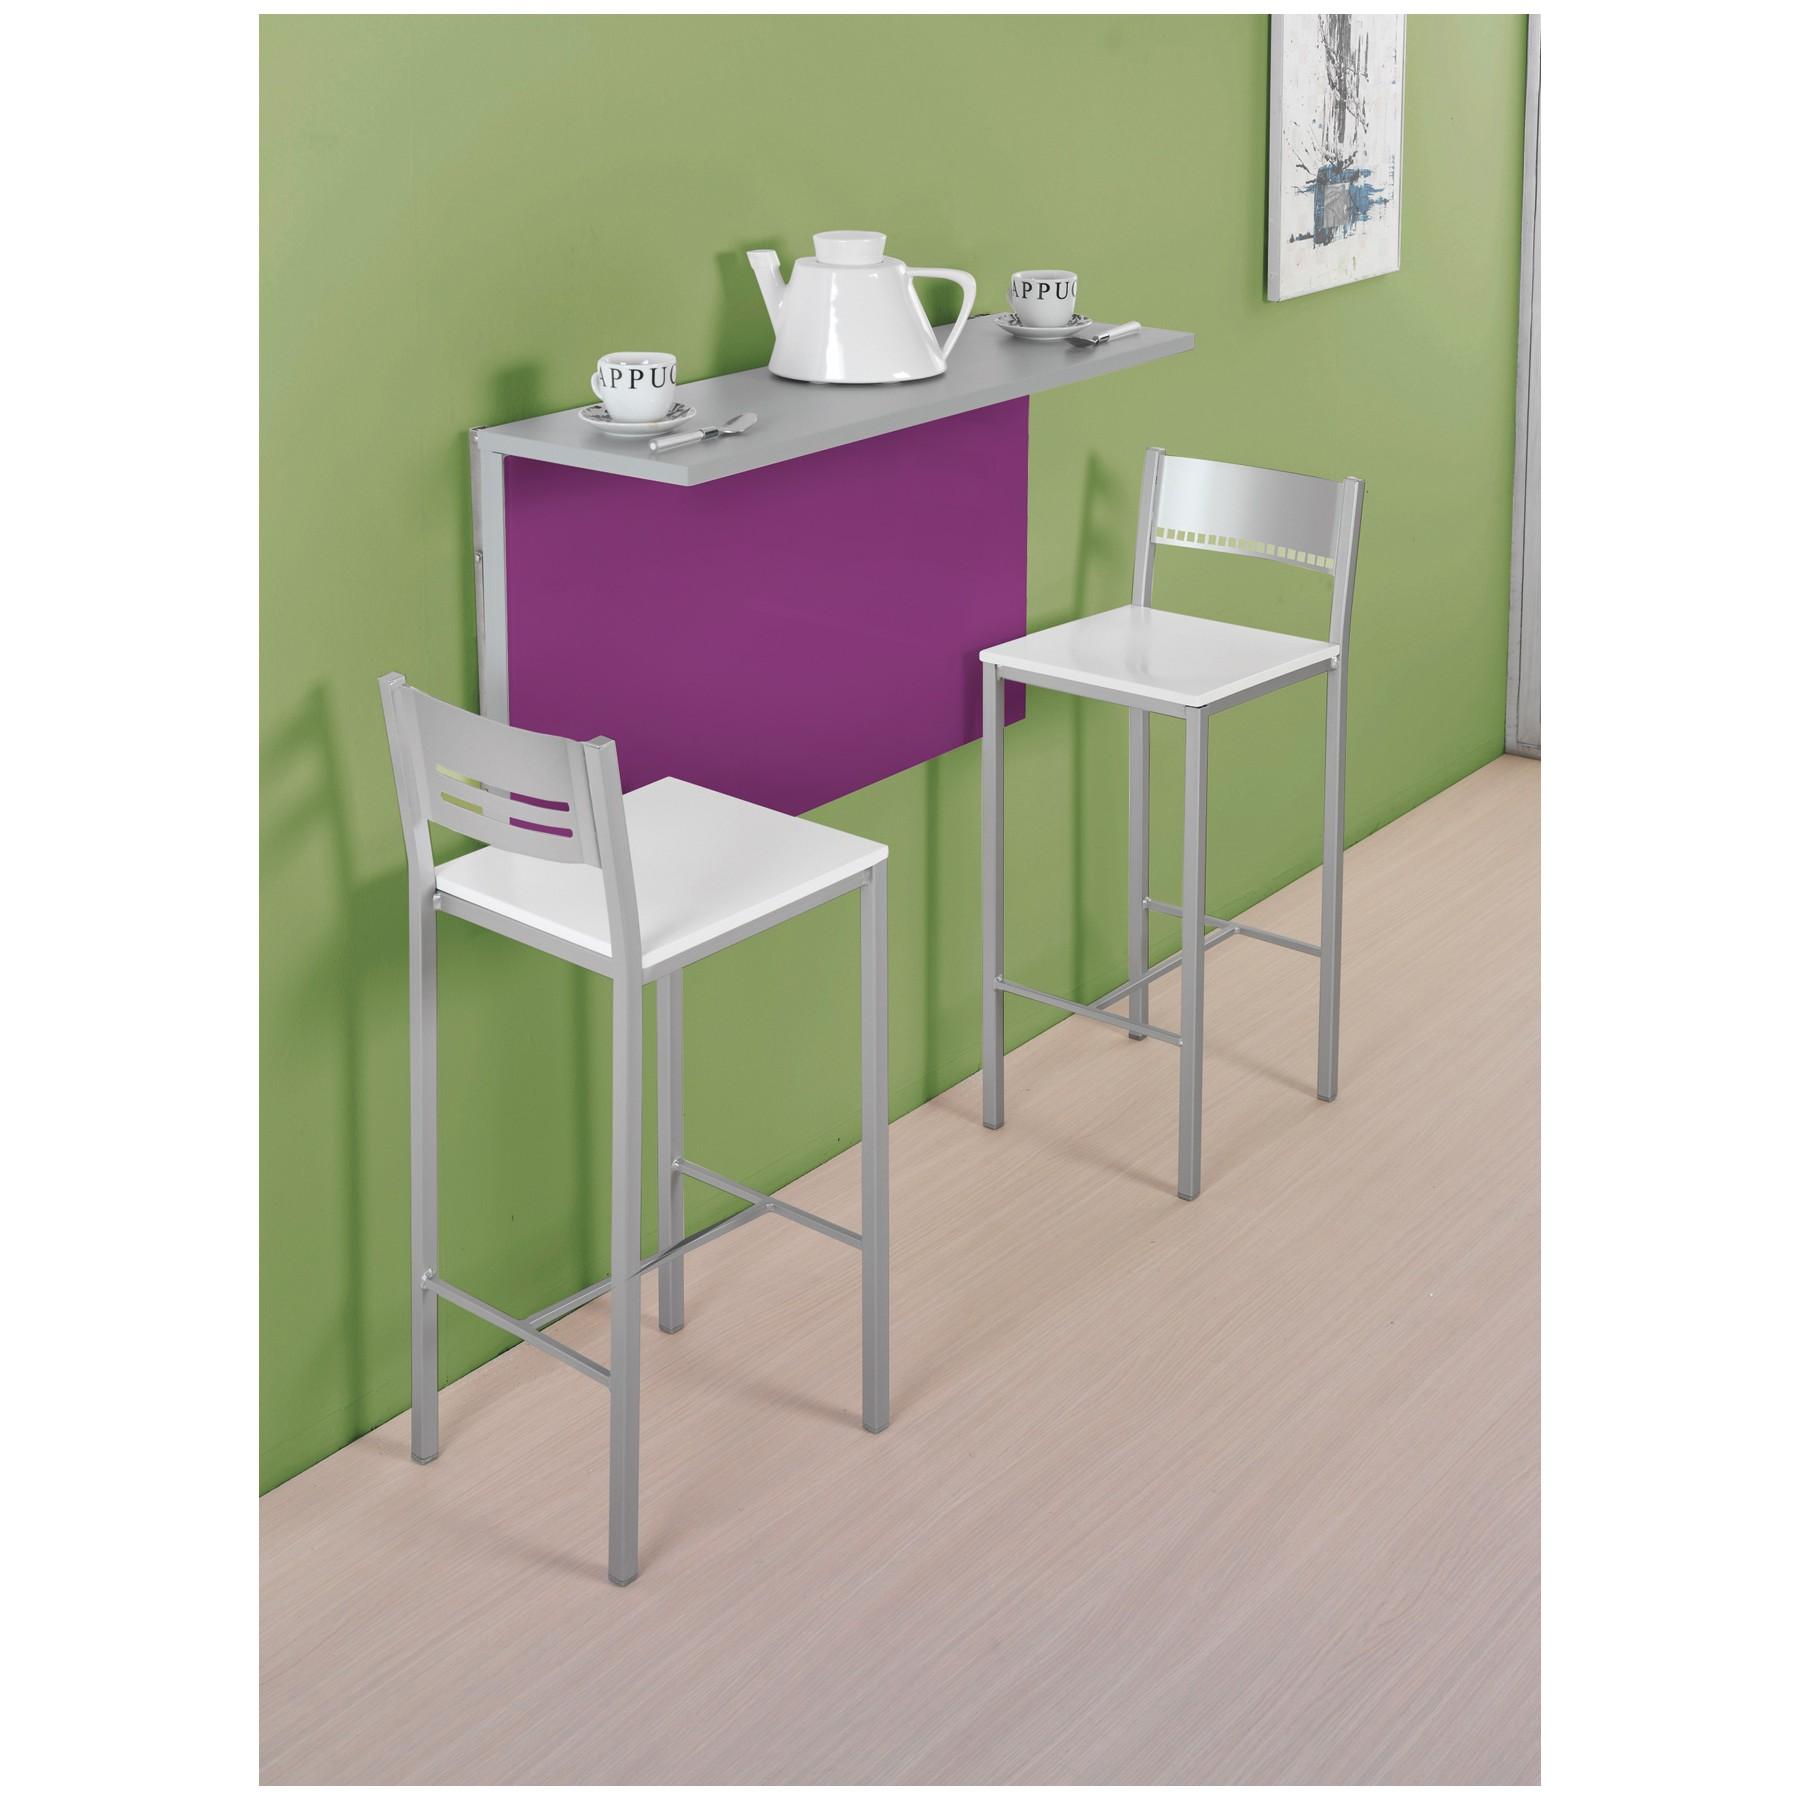 Mesas de cocina con cajones 49432 cocinas ideas - Mesa cocina con cajon ...